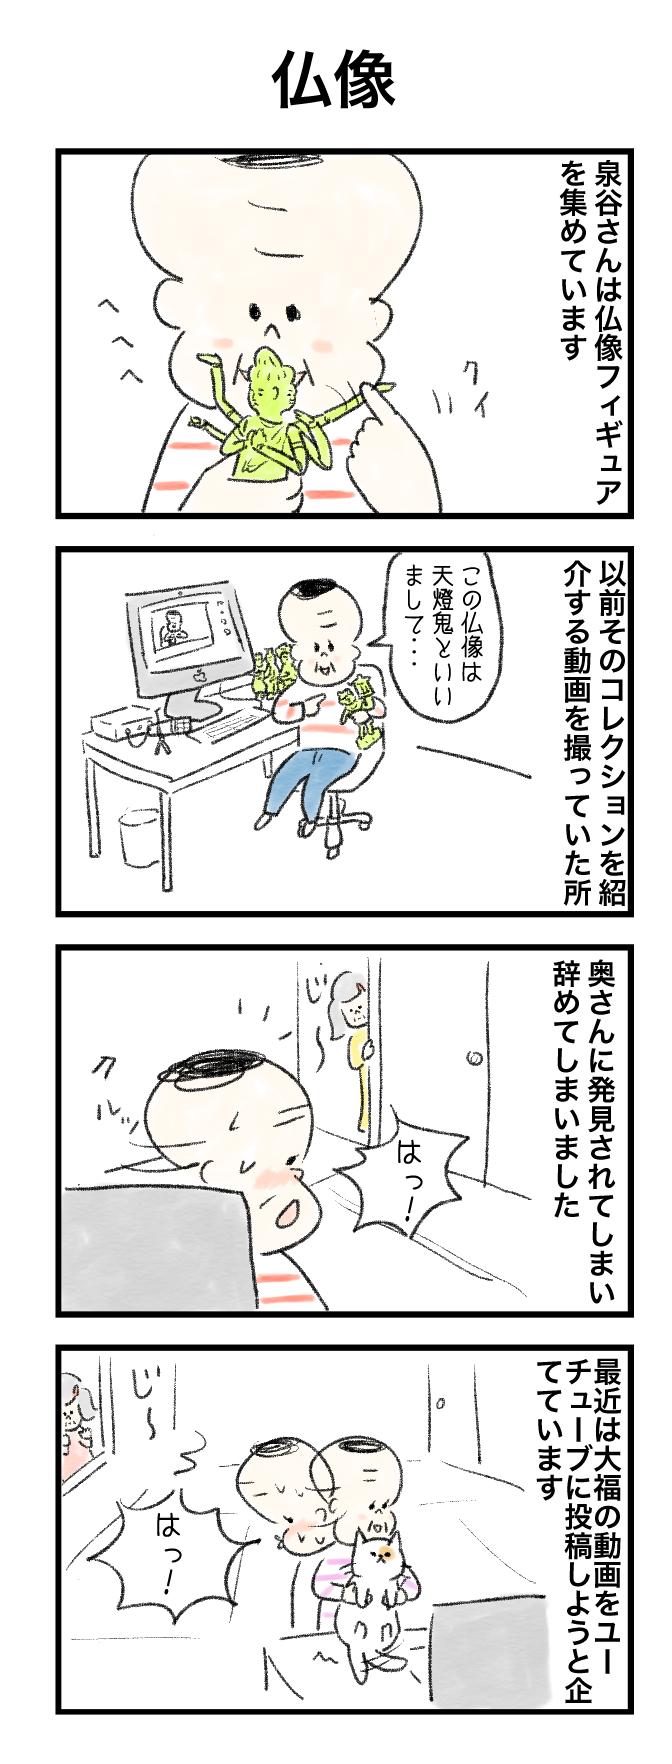 今日の泉谷さん【15】 作:カワサキヒロシ(ごとお日漫画)